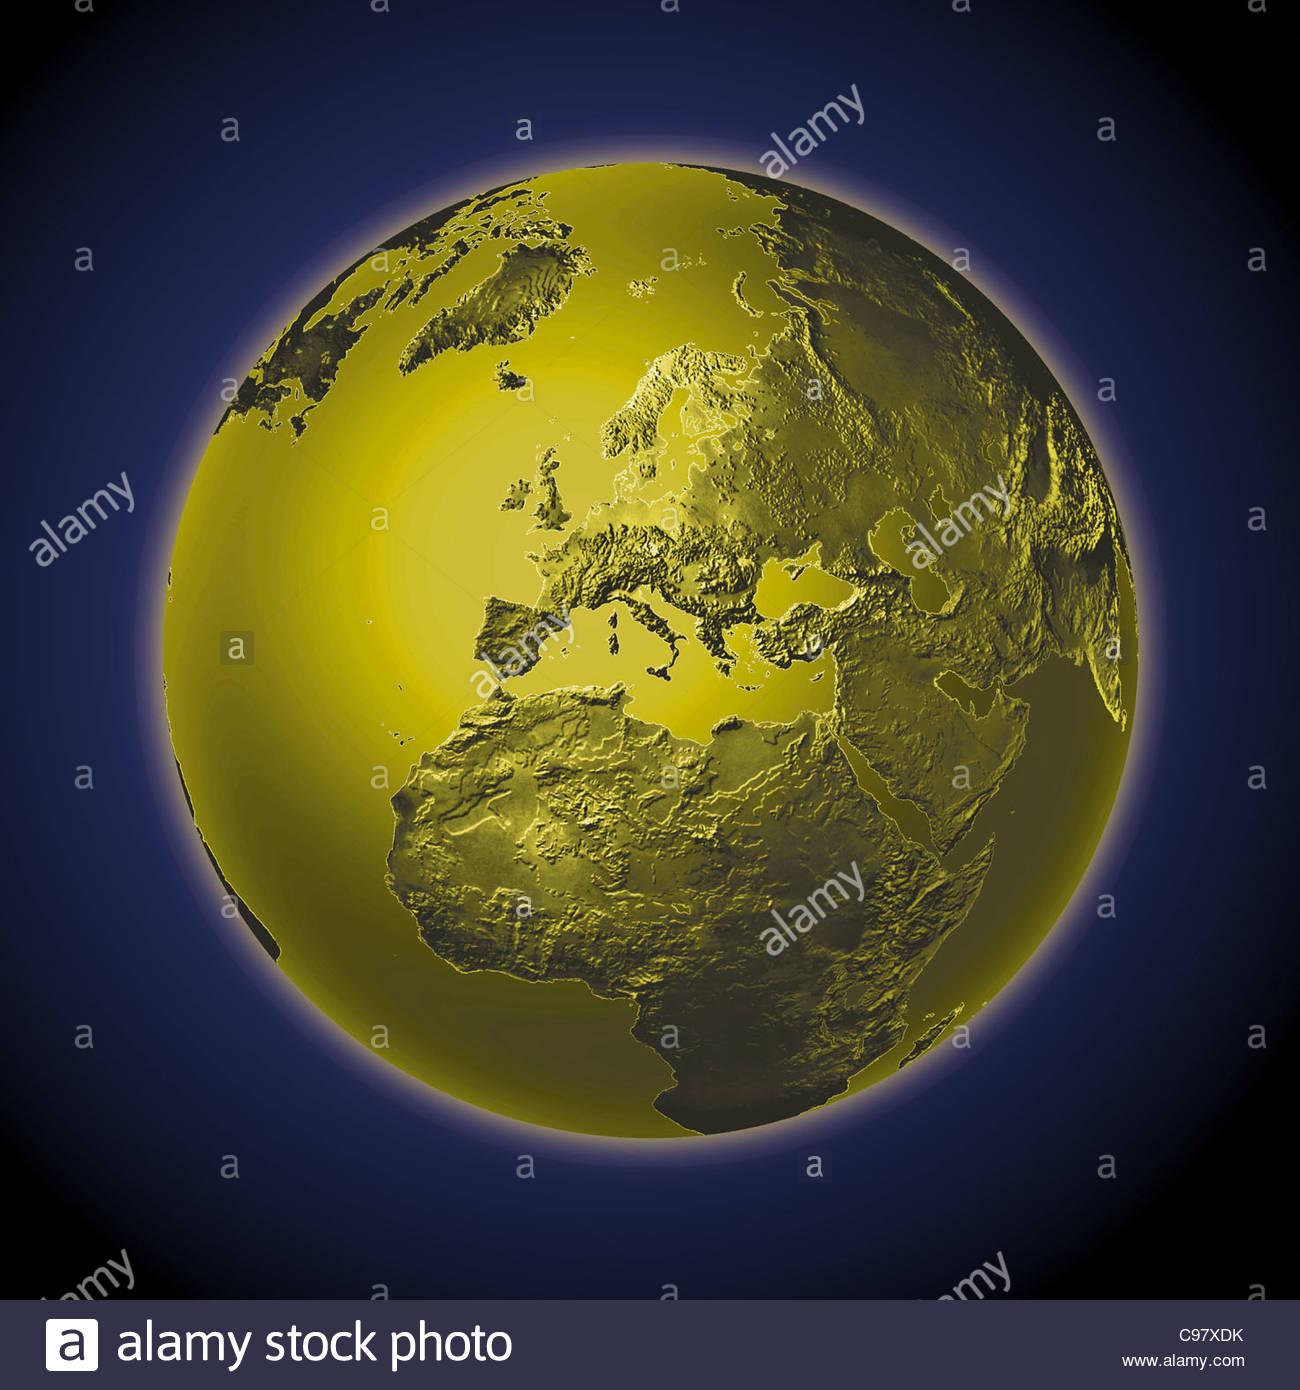 Golden globe globe earth geography globe globe world map map golden globe globe earth geography globe globe world map map software geogr gumiabroncs Images